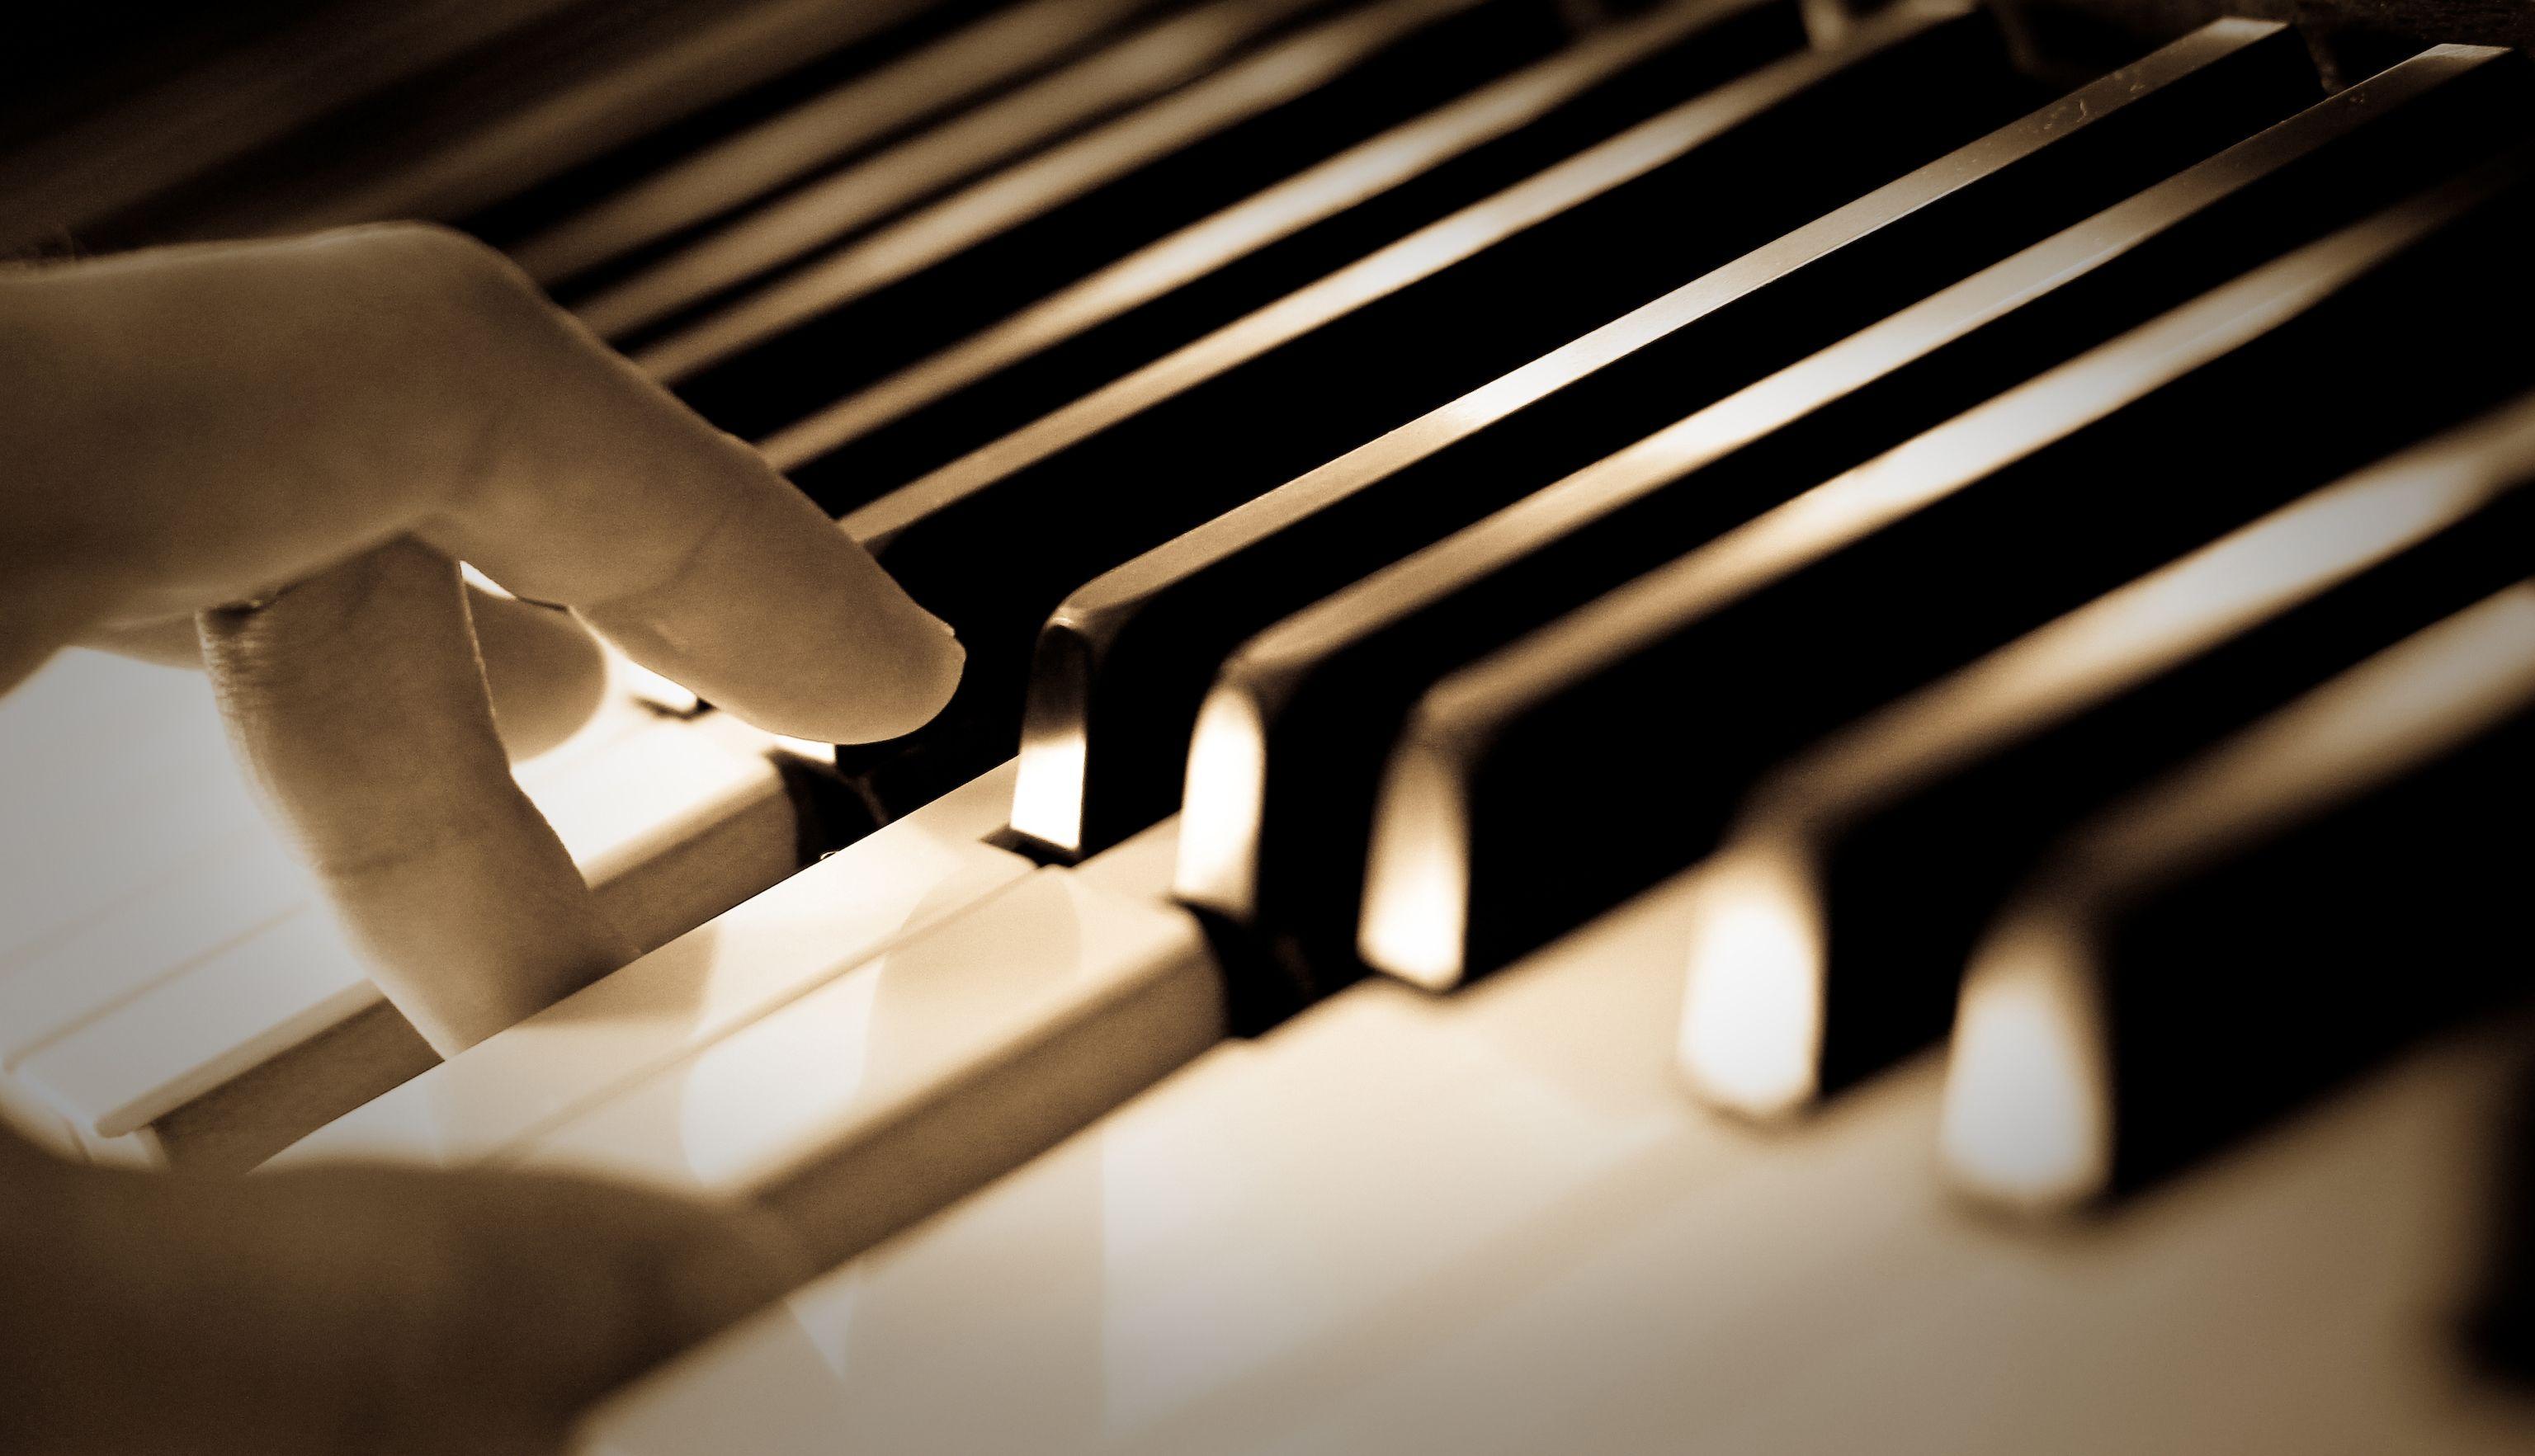 Juegos tocar piano latest juegos parecidos a piano party for Generatore di piano di pavimento online gratuito